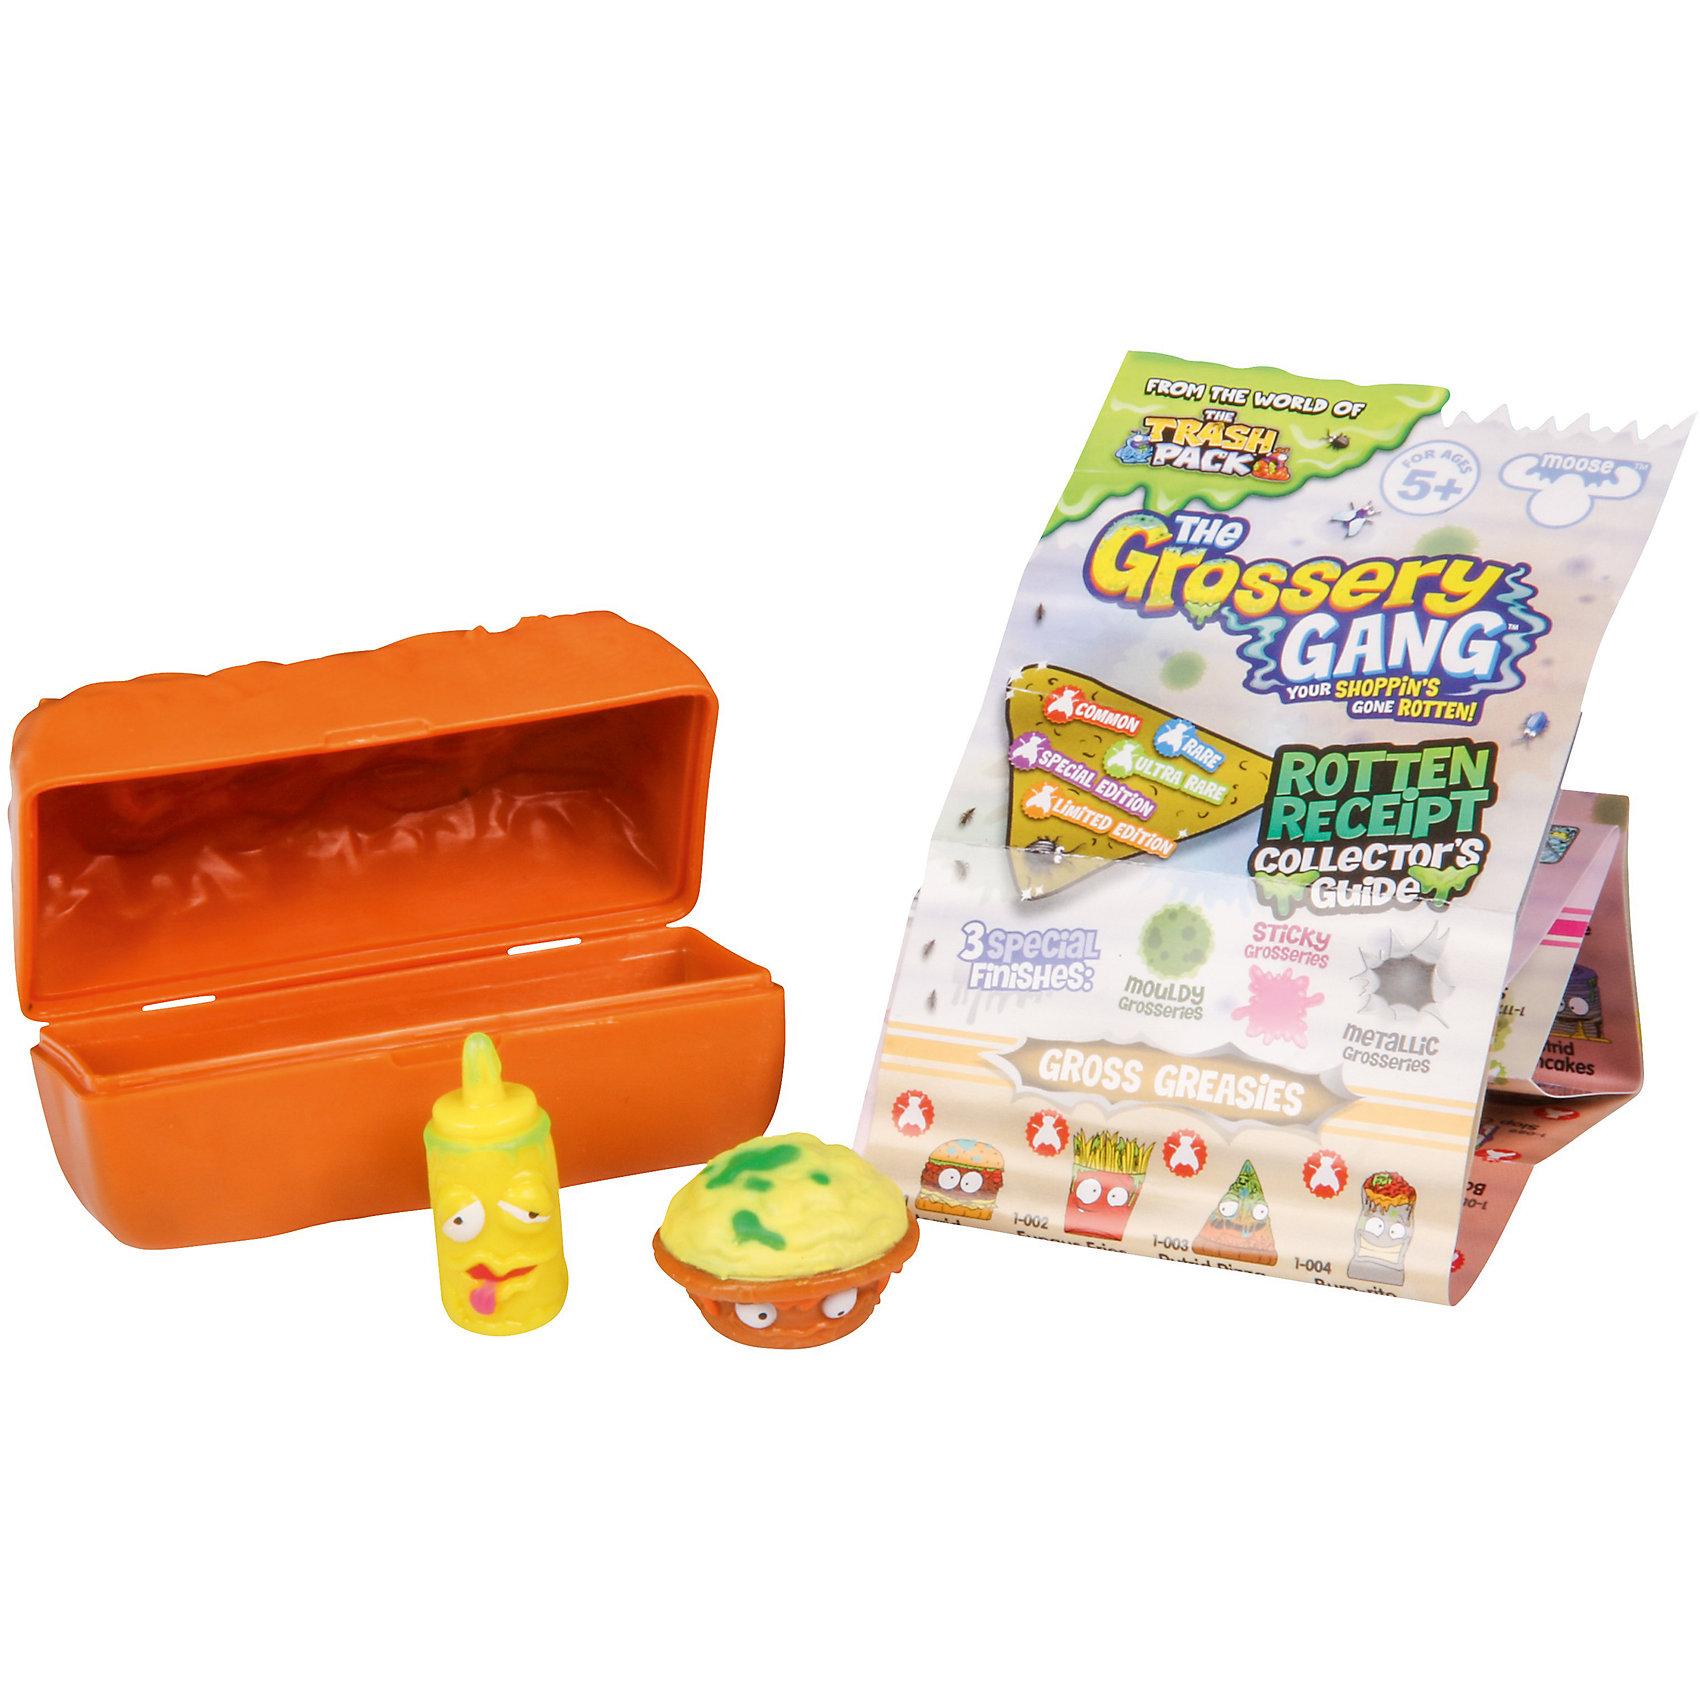 Фигурки Шоколадного батончик, 2 шт., The Grossery GangИгрушечные продукты питания<br>Фигурки Шоколадный батончик, 2 шт., Moose (Мус)<br><br>Характеристики:<br><br>• фигурки скрываются внутри шоколадного батончика<br>• буклет с изображениями в комплекте<br>• 2 фигурки в комплекте<br>• материал: пластик<br>• размер упаковки: 14х3,7х4,1 см<br>• вес: 27 грамм<br>• в комплекте: 2 фигурки, батончик, буклет<br><br>Маленькие испортившиеся продукты из серии The Grossery Gang всегда готовы хулиганить. На этот раз они спрятались в шоколадном батончике. Самое время их отыскать! Красочная непрозрачная упаковка удивит ребенка, и он не сможет сразу догадаться, что скрывается внутри. В комплект входит шоколадный батончик, 2 фигурки The Grossery Gang и буклет с изображением 150 персонажей. Придумайте интересную игру про маленьких непослушных хулиганов!<br><br>Фигурки Шоколадный батончик, 2 шт., Moose (Мус) вы можете купить в нашем интернет-магазине.<br><br>Ширина мм: 41<br>Глубина мм: 37<br>Высота мм: 140<br>Вес г: 37<br>Возраст от месяцев: 60<br>Возраст до месяцев: 2147483647<br>Пол: Унисекс<br>Возраст: Детский<br>SKU: 5397302